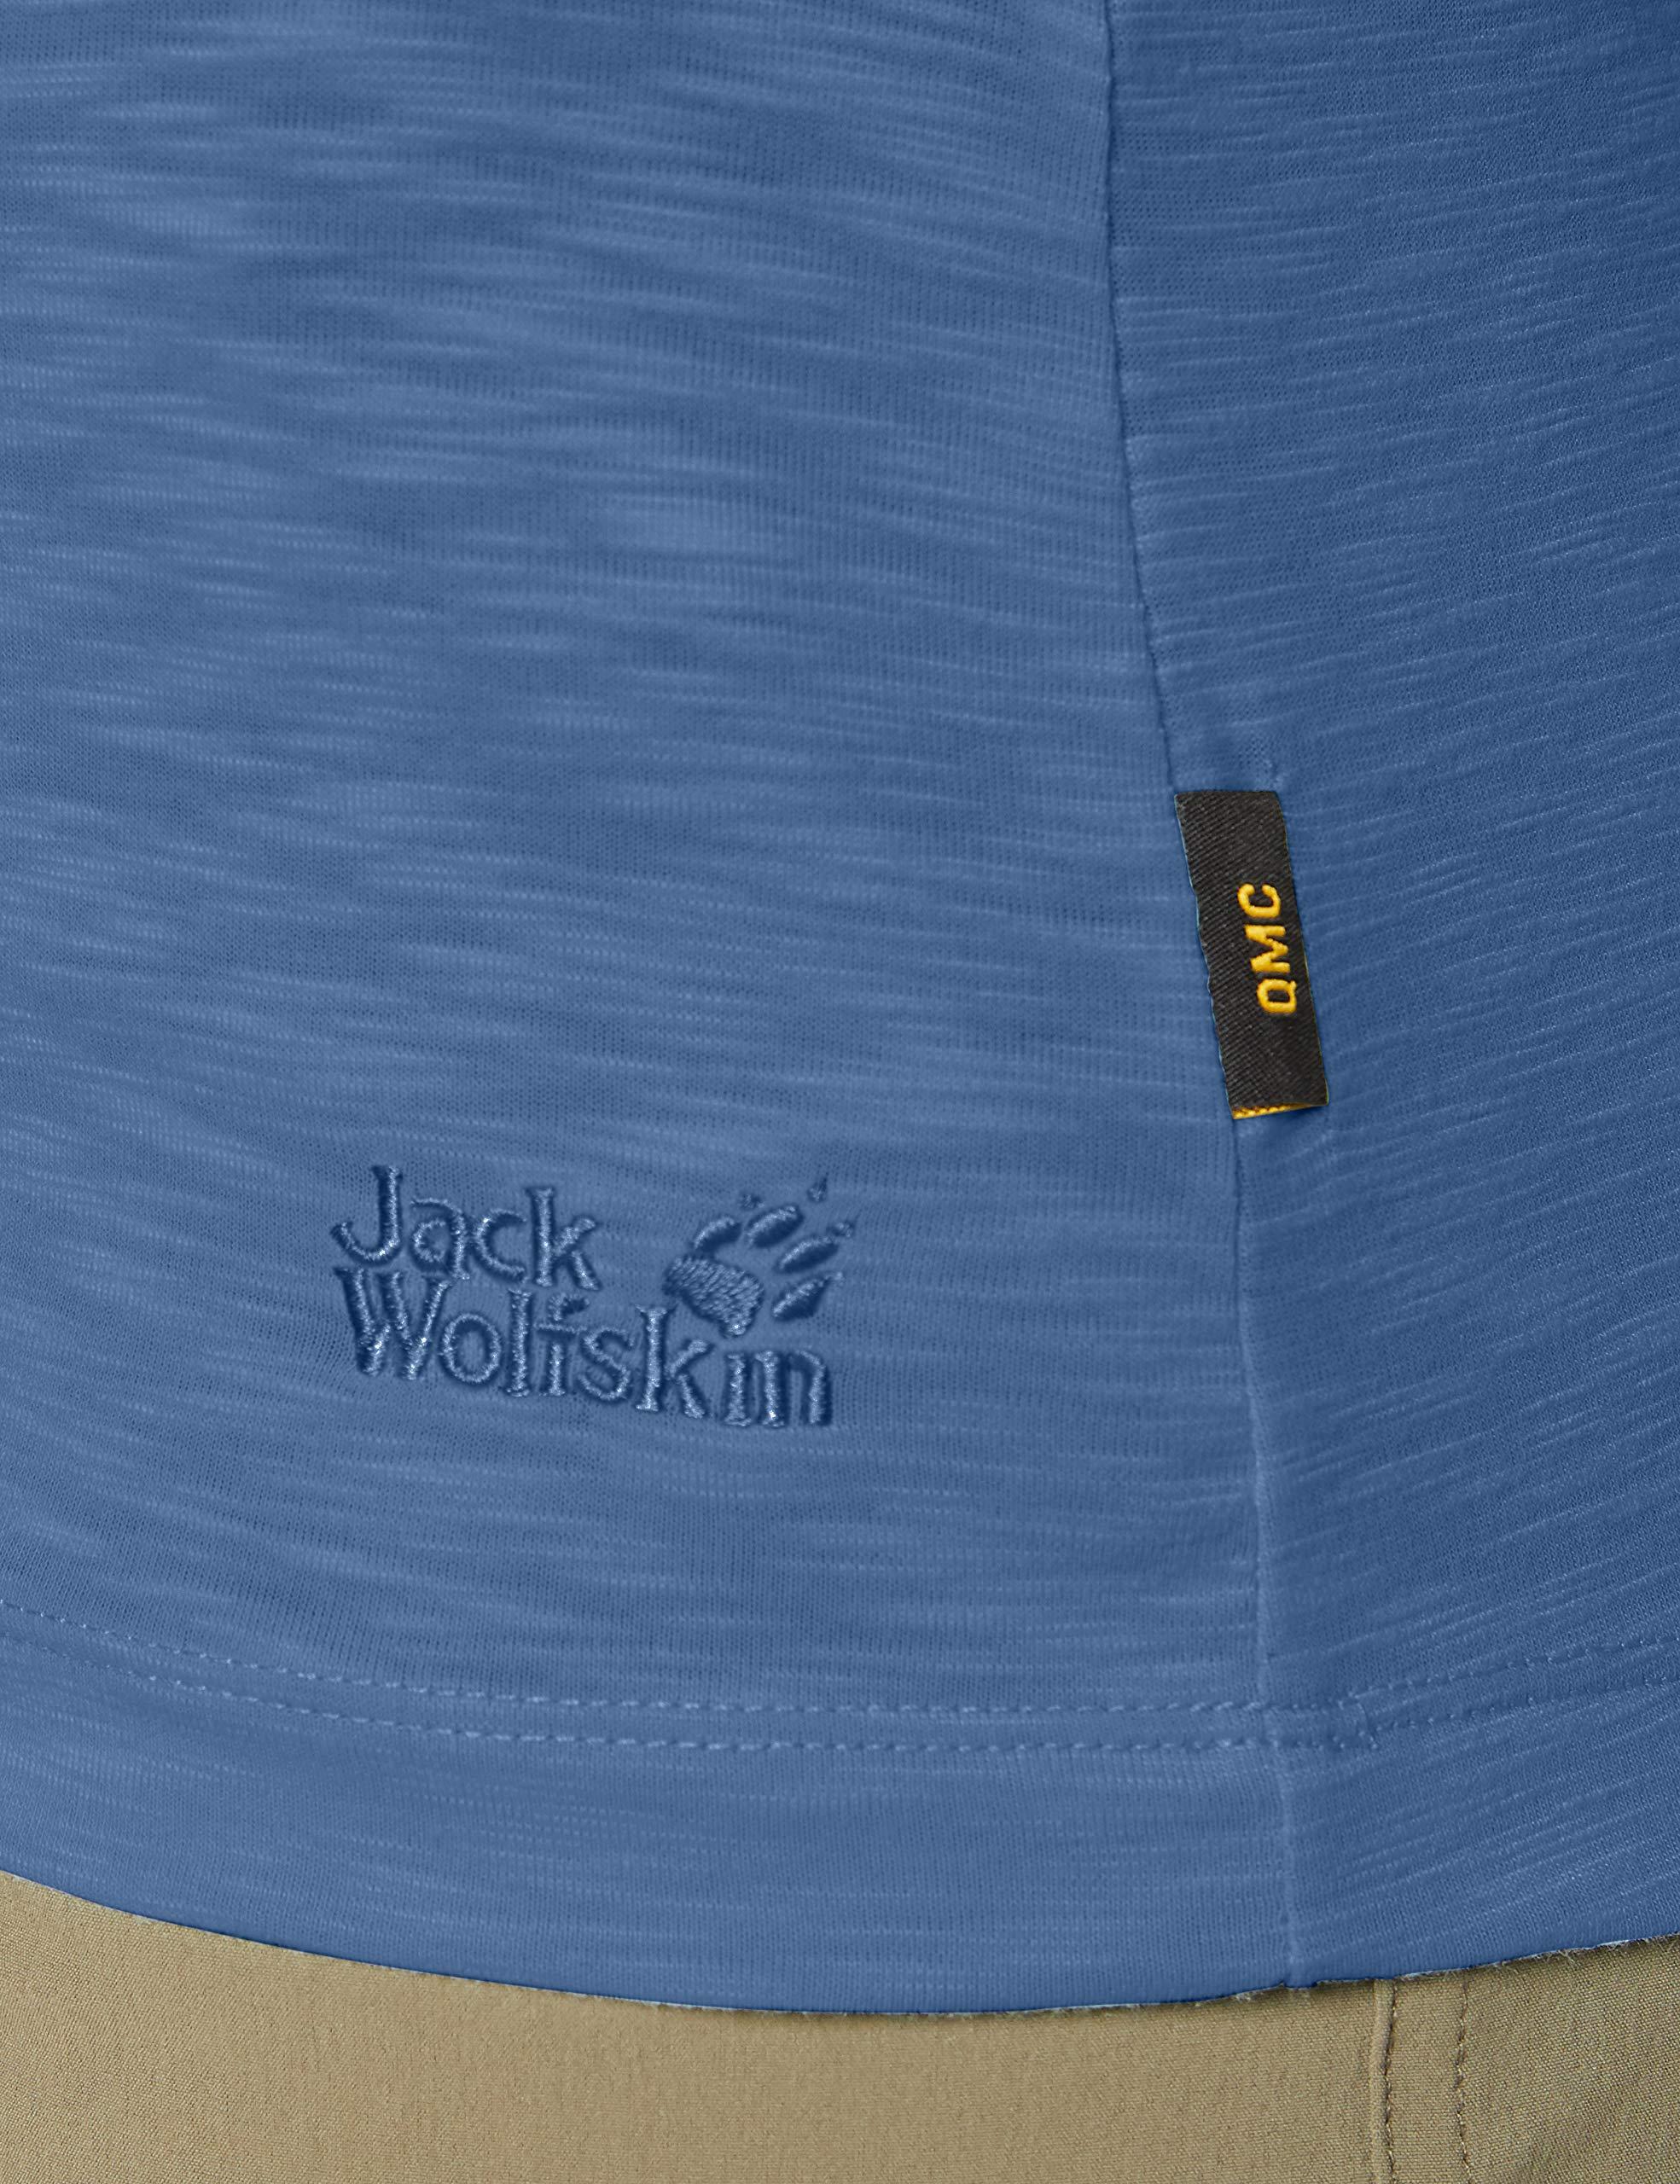 Jack Wolfskin Shirts in ocean günstig kaufen